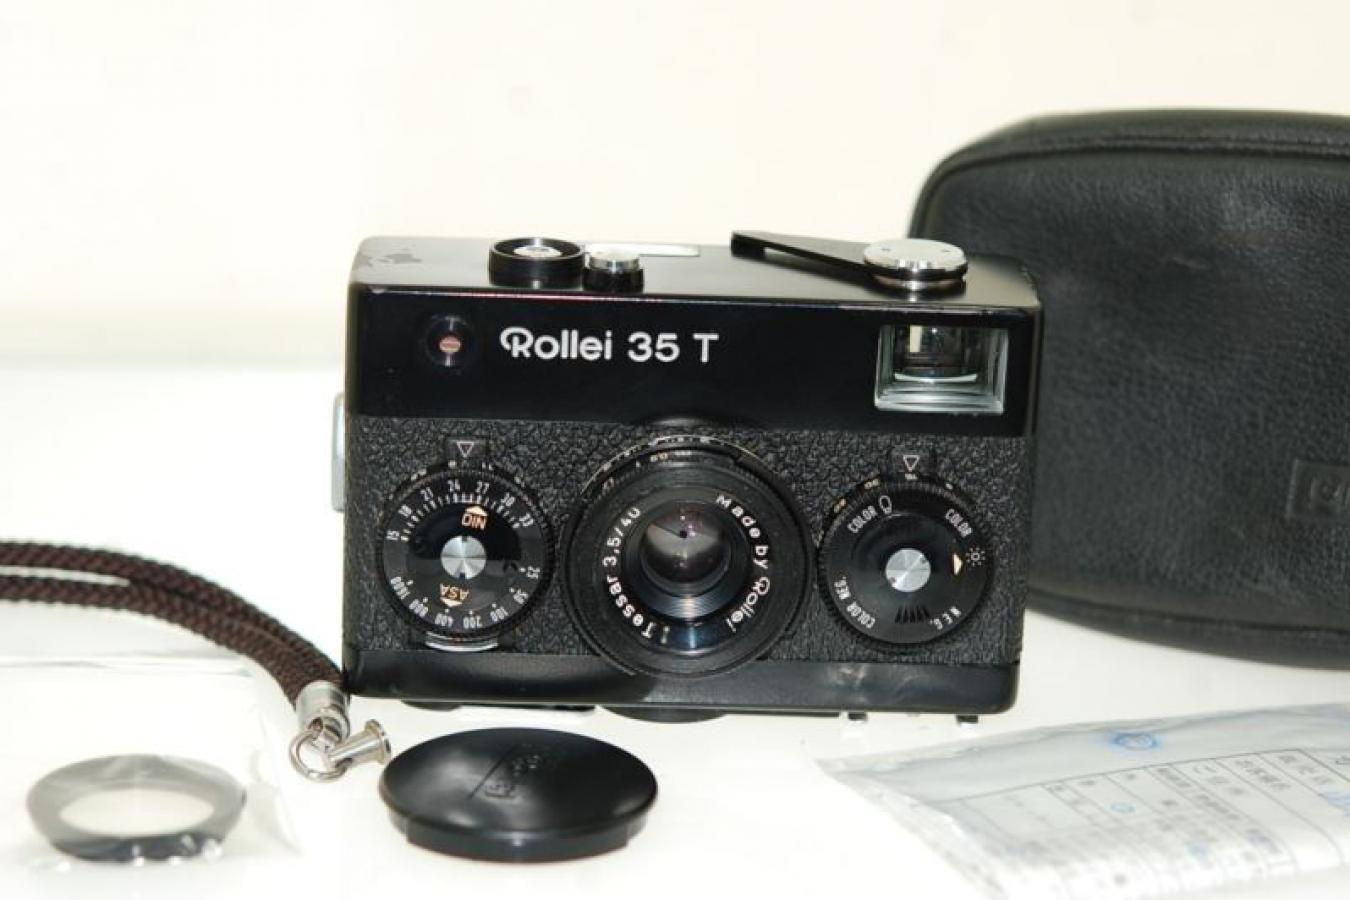 Rollei 35 T ブラック 整備済 純正ケース、ストラップ、フィルター、キャップ付 【テッサー40/3.5レンズ搭載】